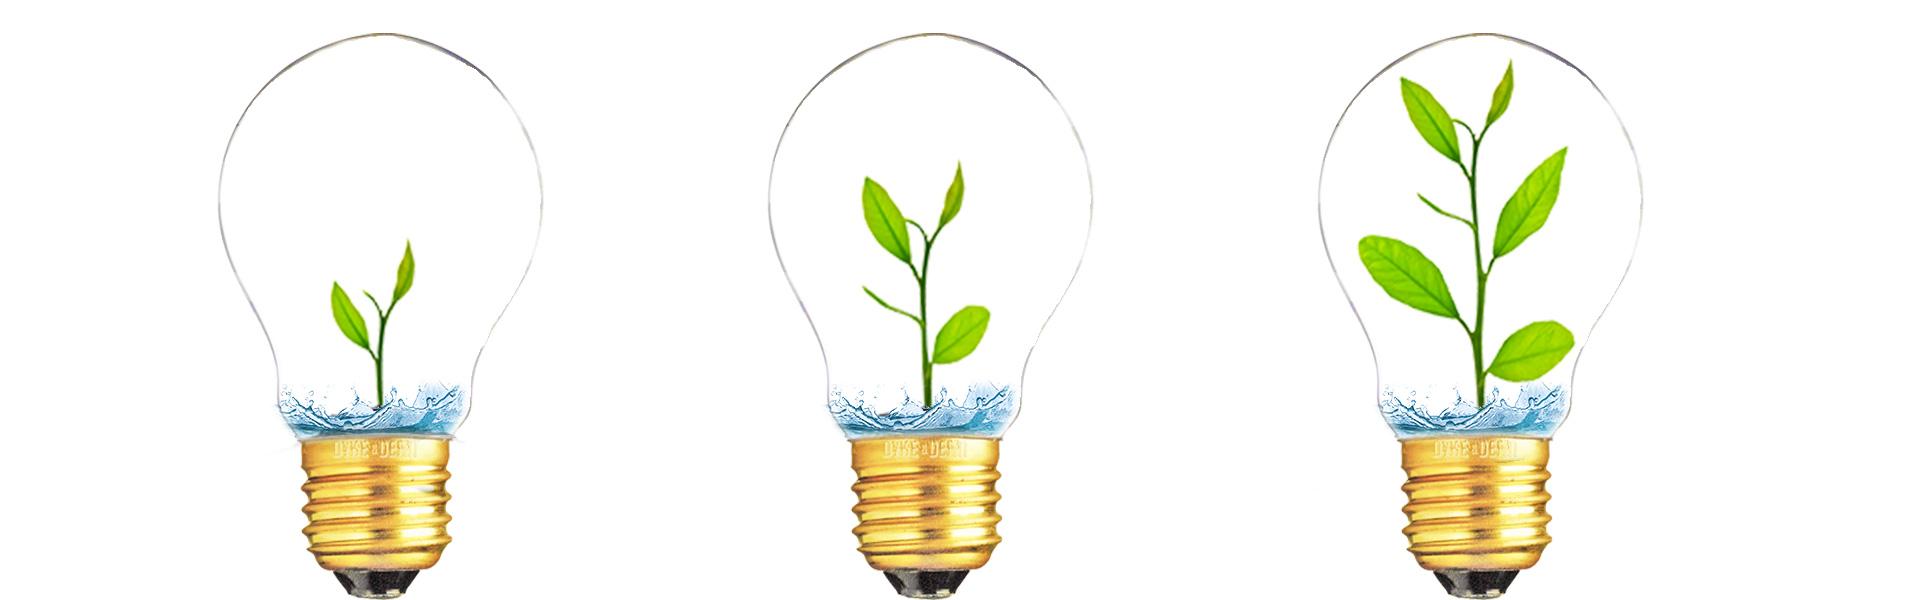 led-duurzeme-groene-verlichting-faq